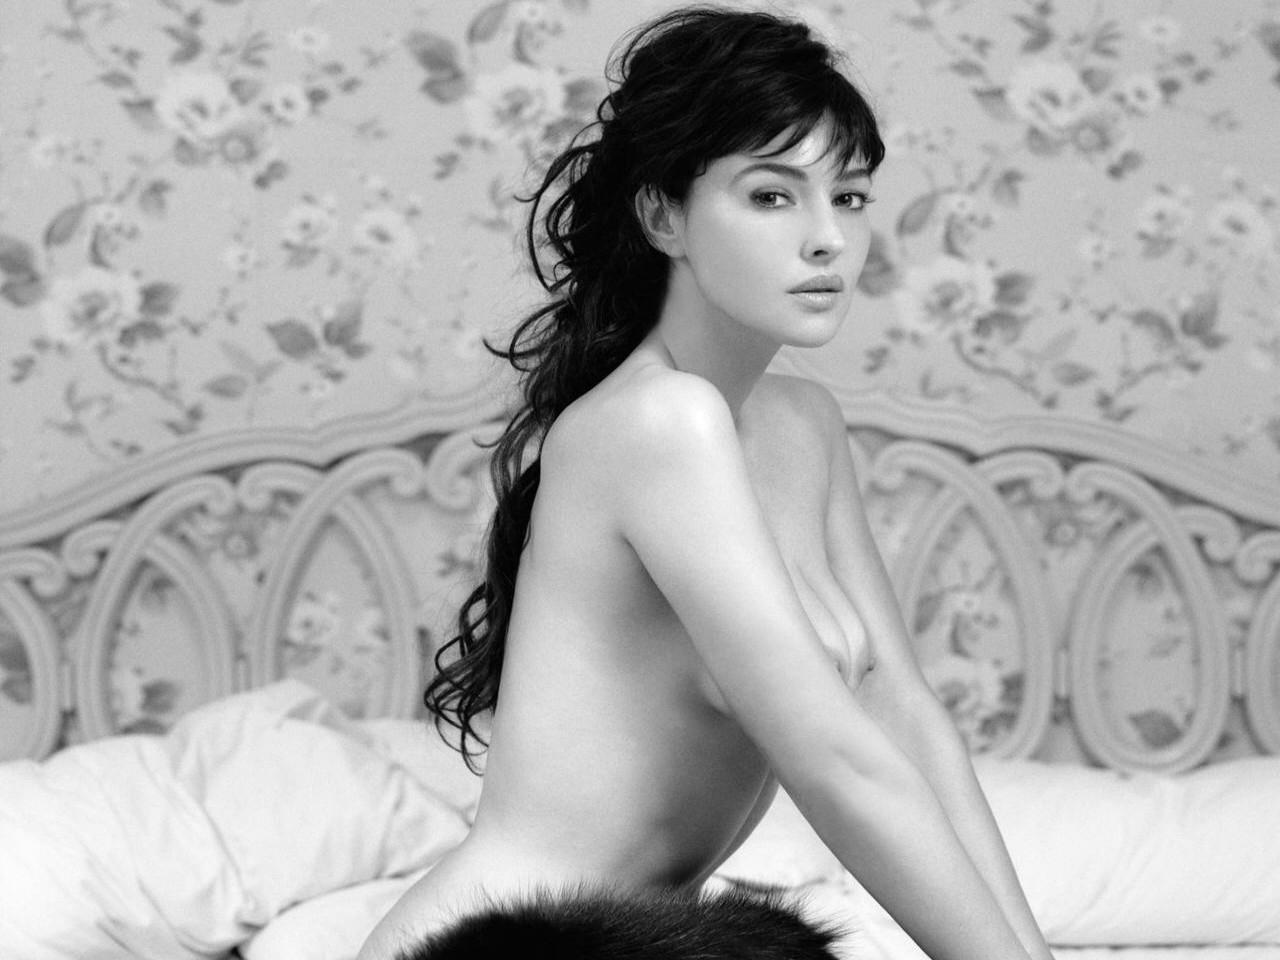 Sexy wallpaper in bianco e nero di Monica Bellucci